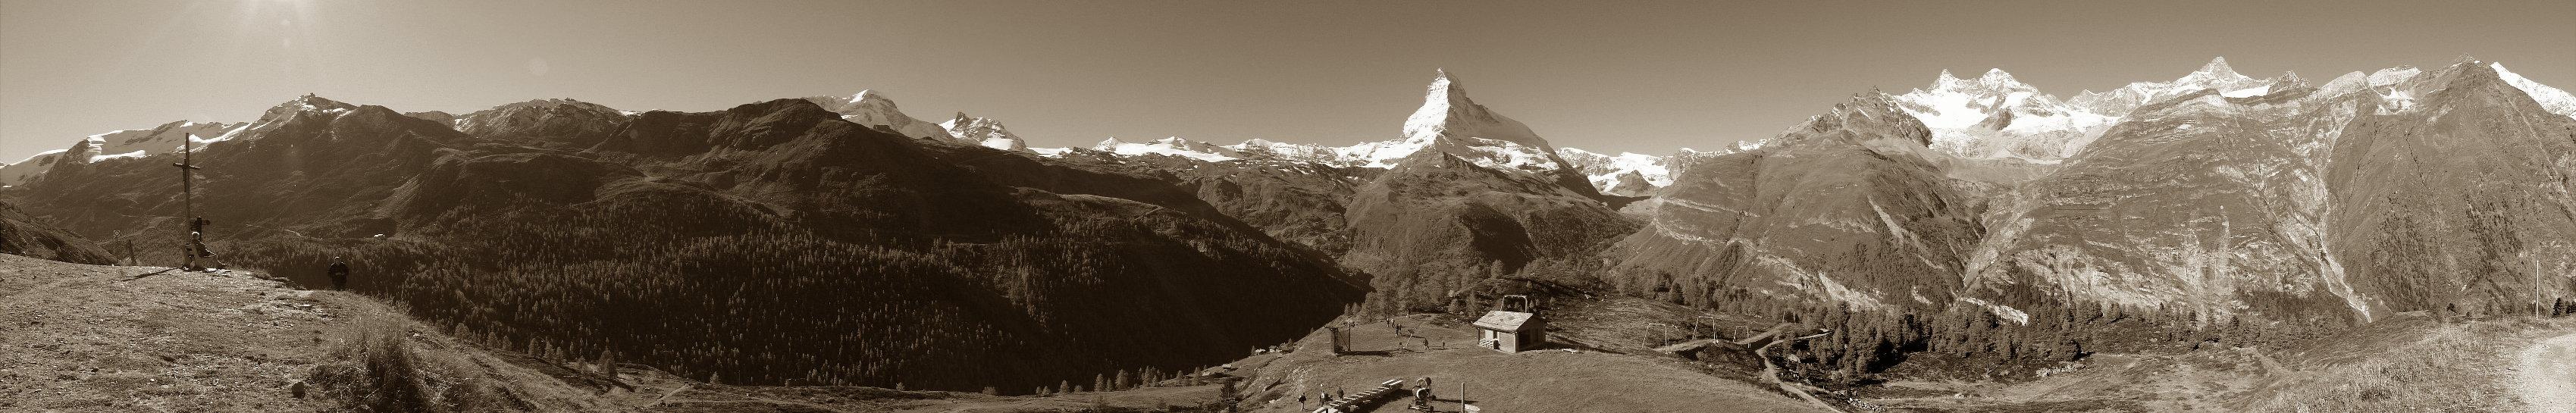 Sunnegga / Matterhorn / Zermatt